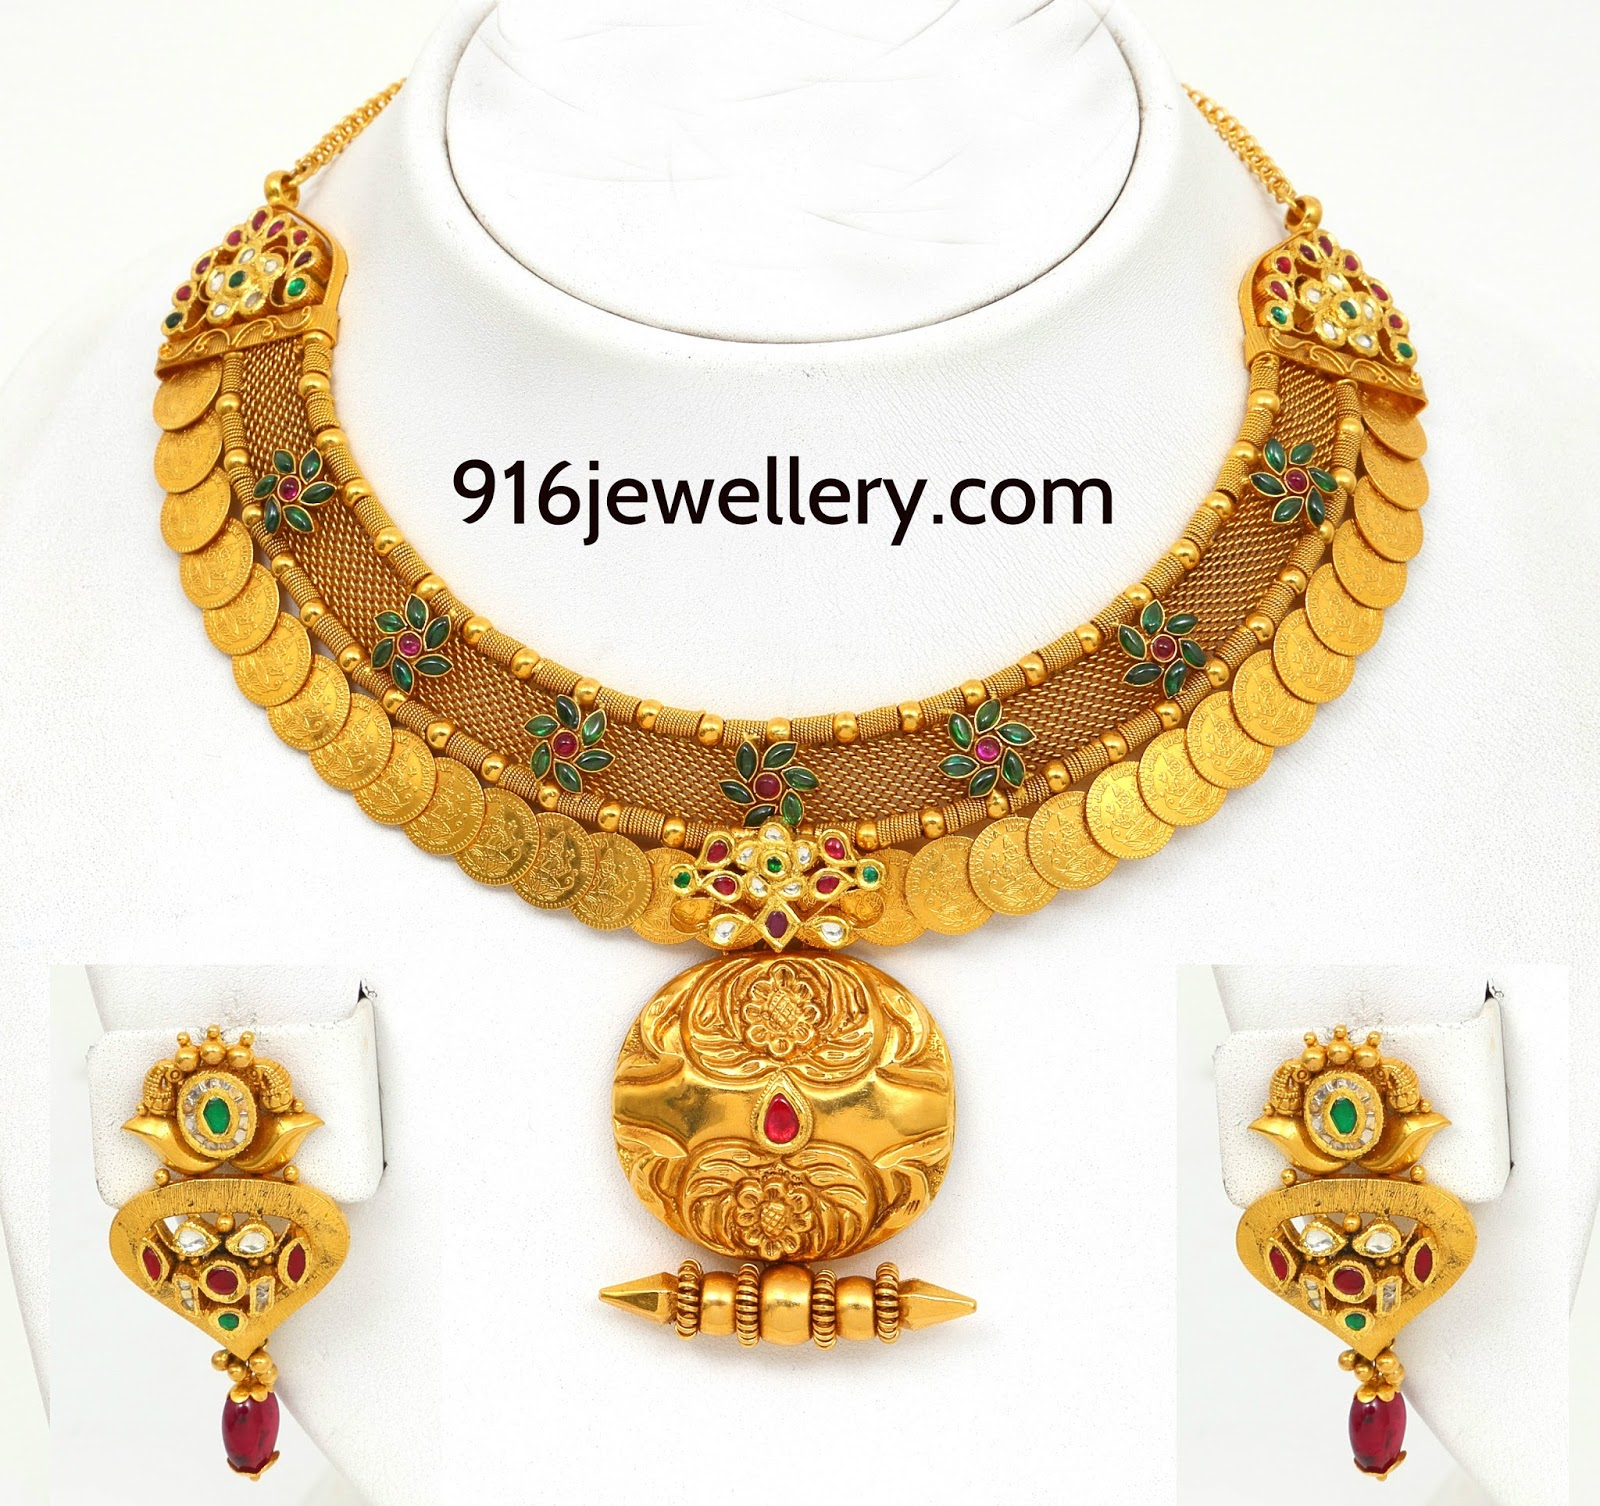 Jewellery of india